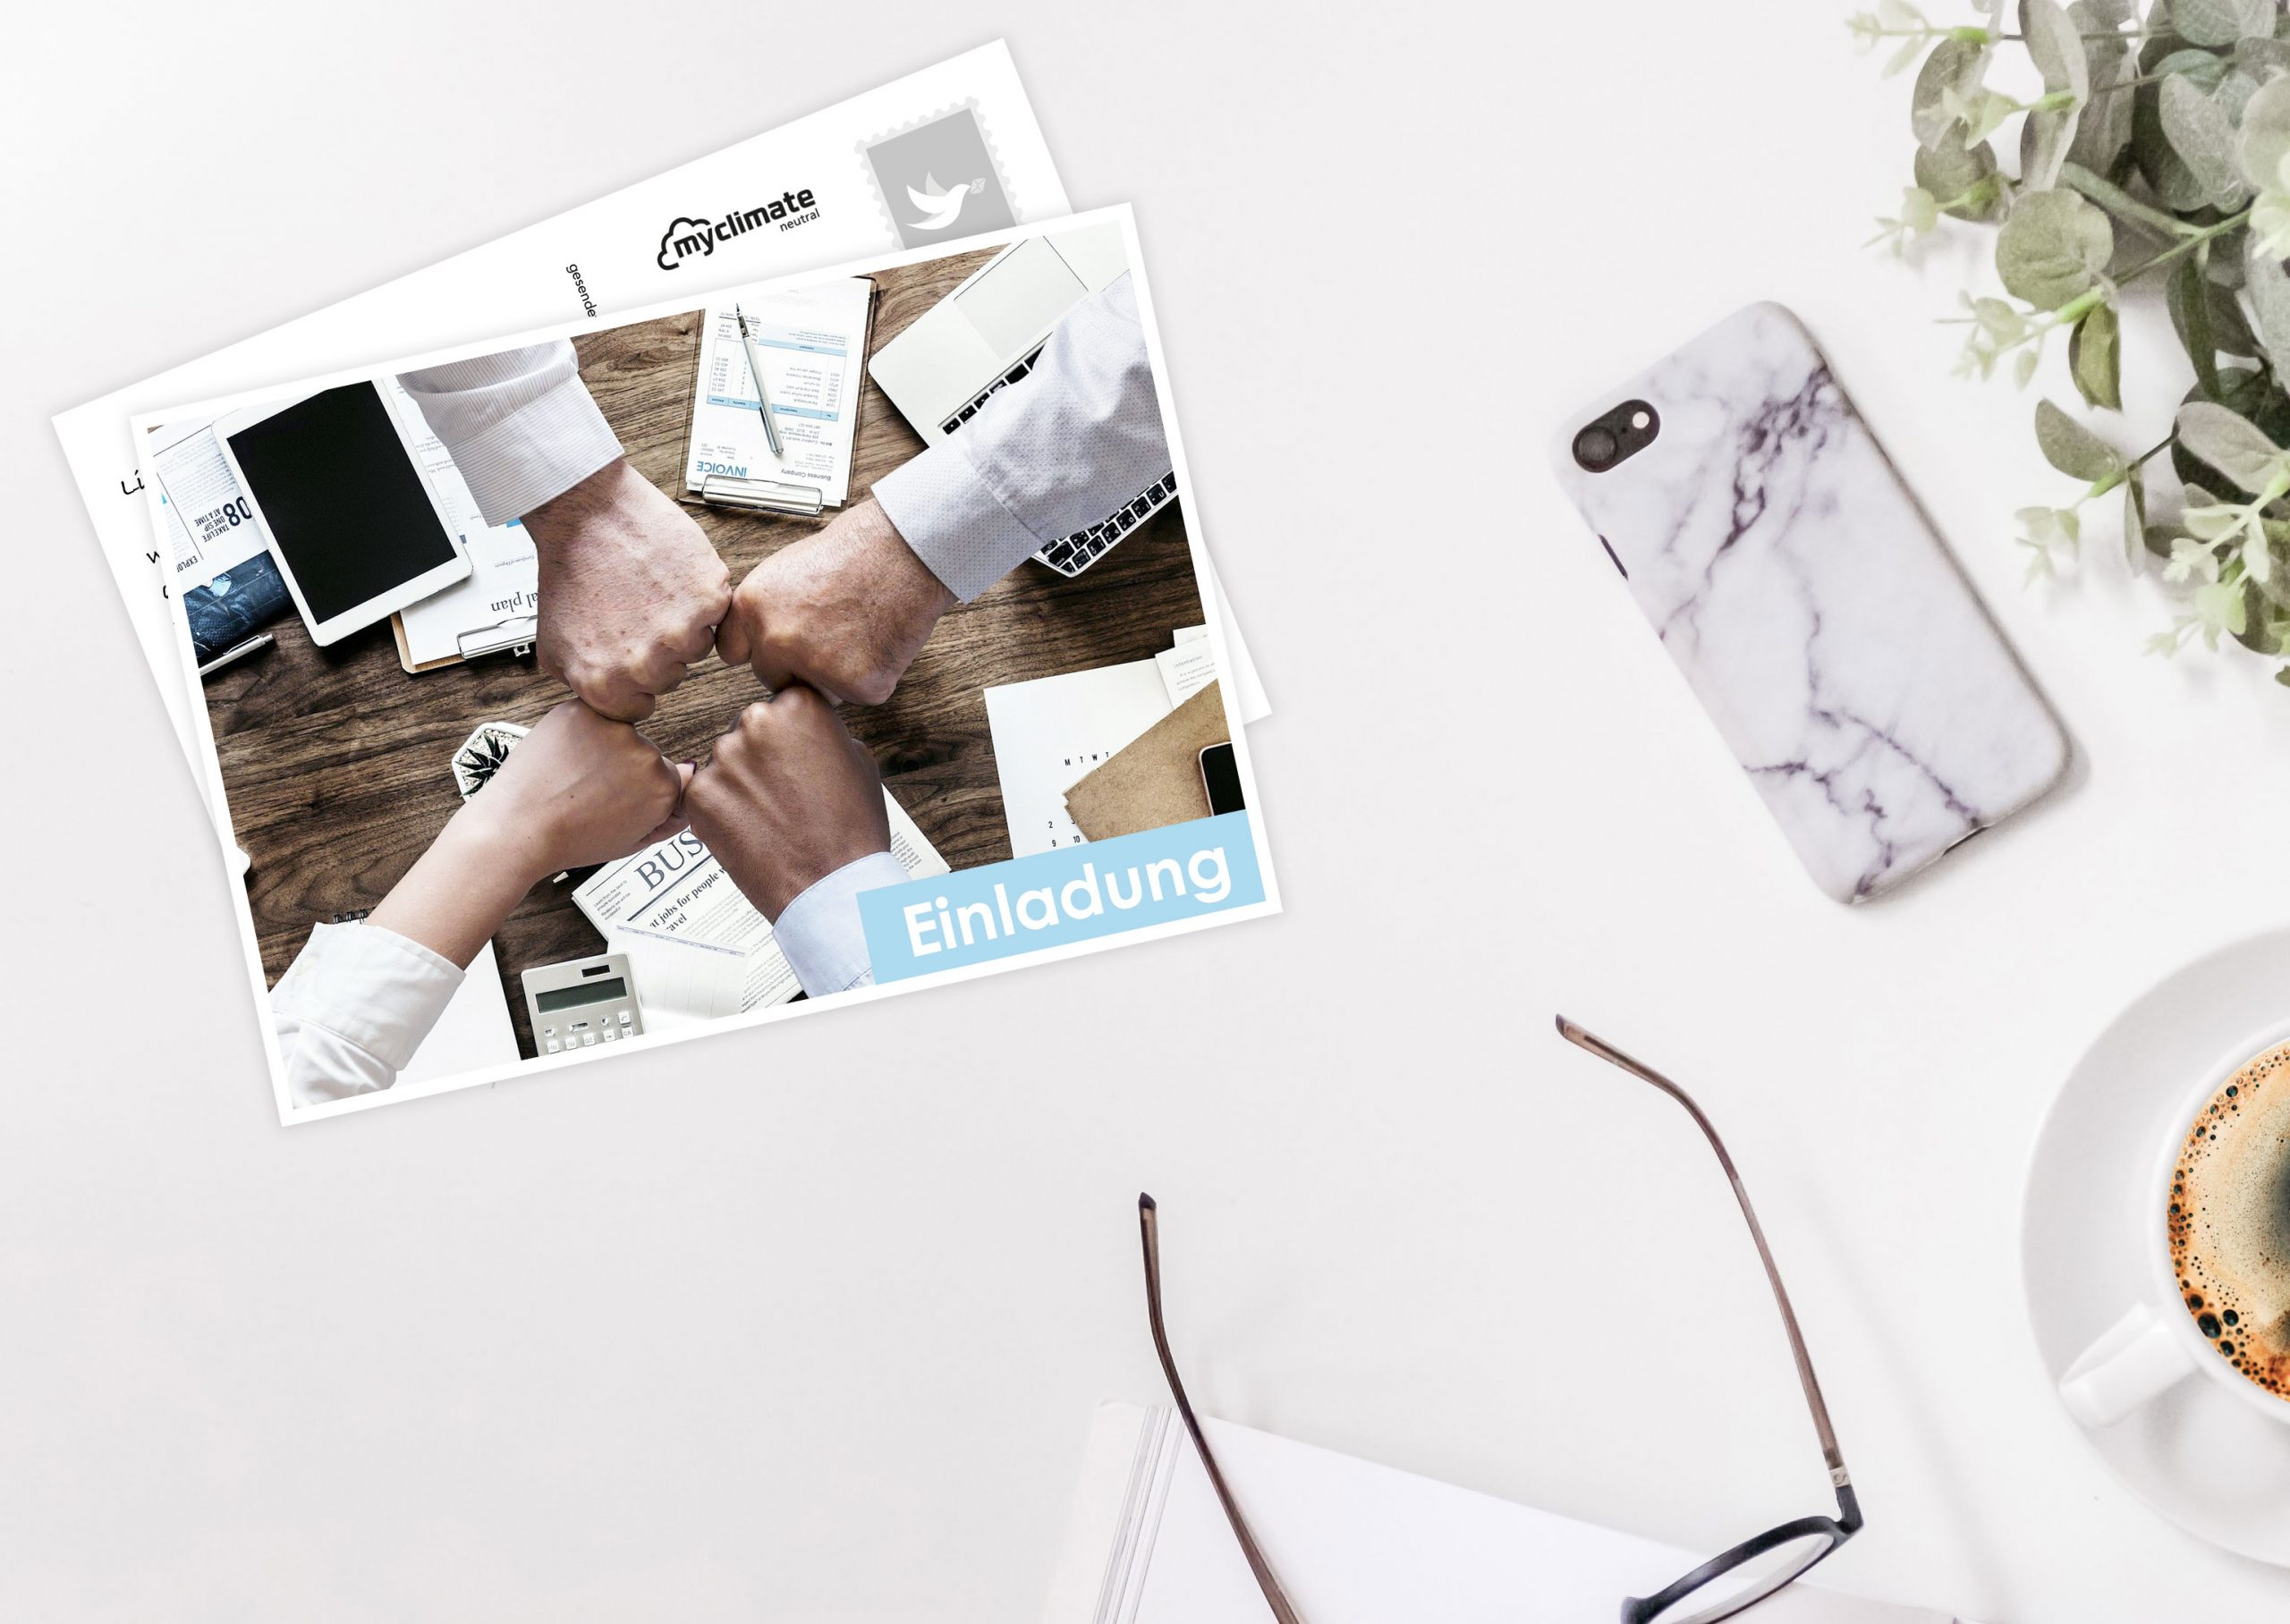 Einladung zur Firmenfeier – Diese Tipps sollten Sie beachten